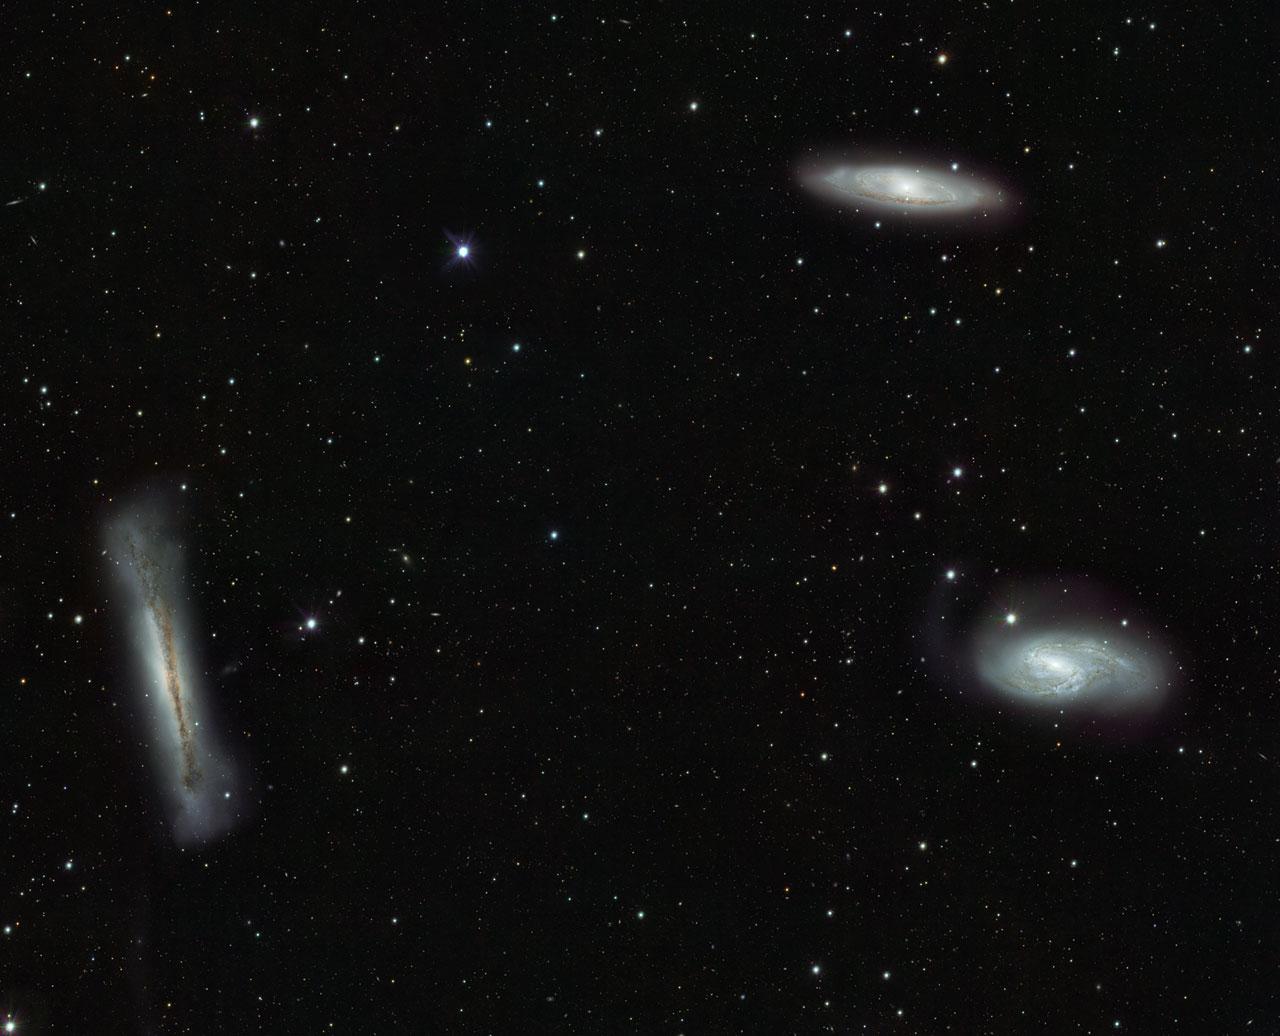 Три галактики в созвездии Льва